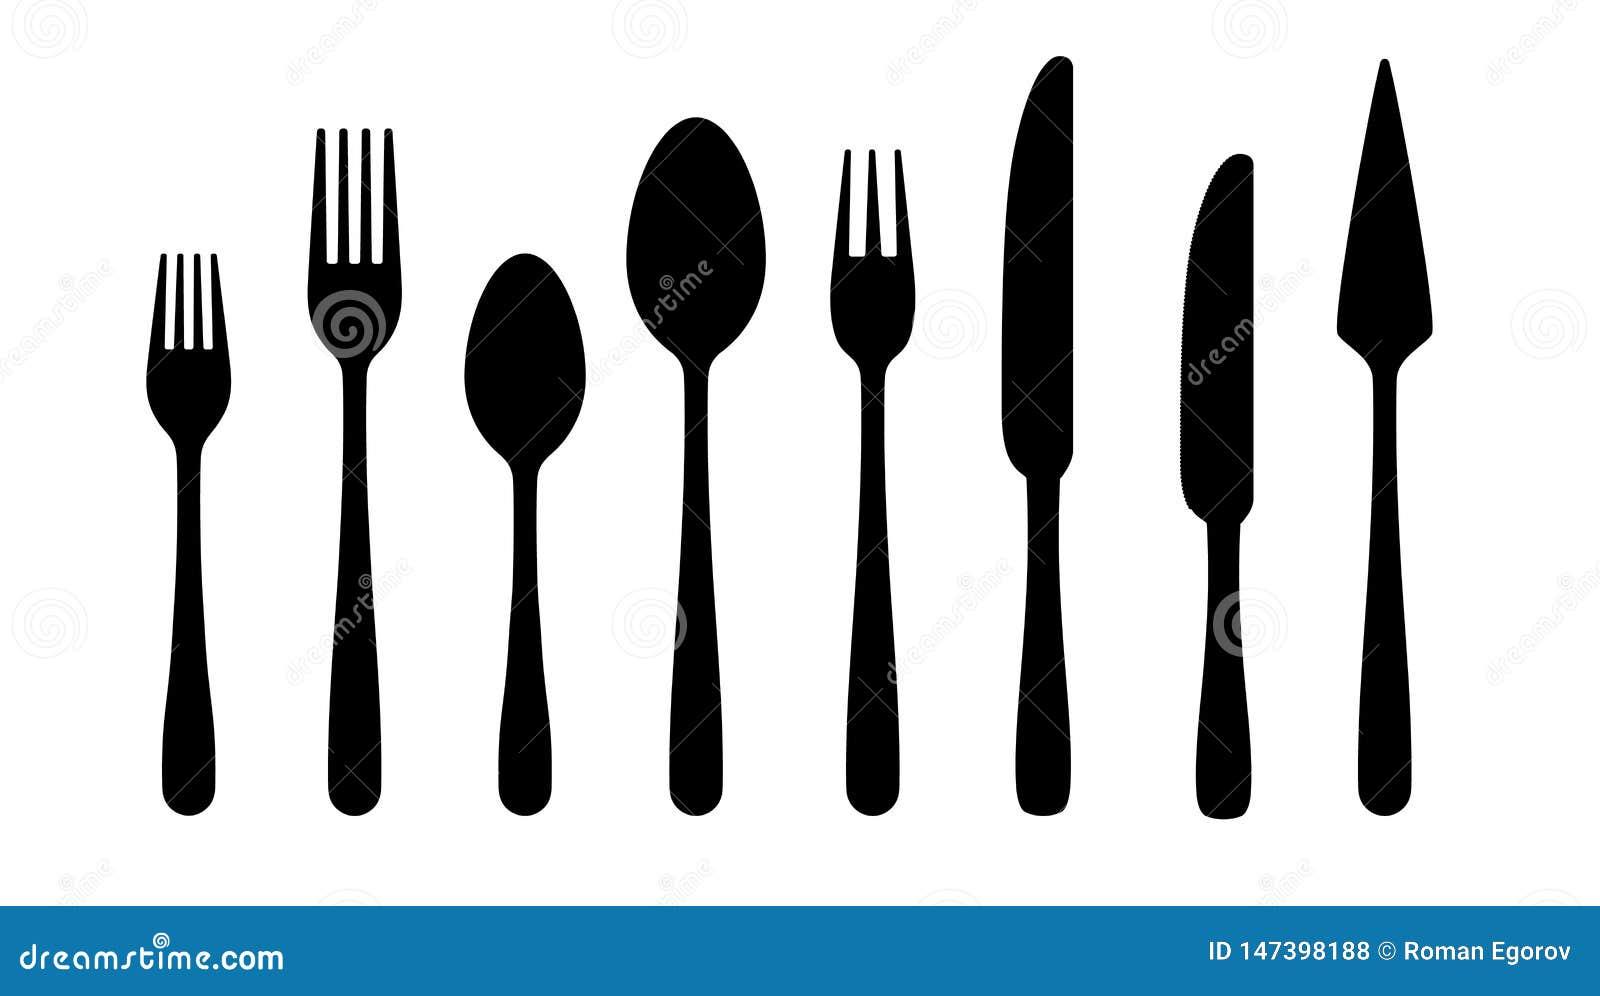 Silhuetas da cutelaria Ícones do preto da faca da colher da forquilha, silhuetas da pratas no fundo branco Grupo da cutelaria do